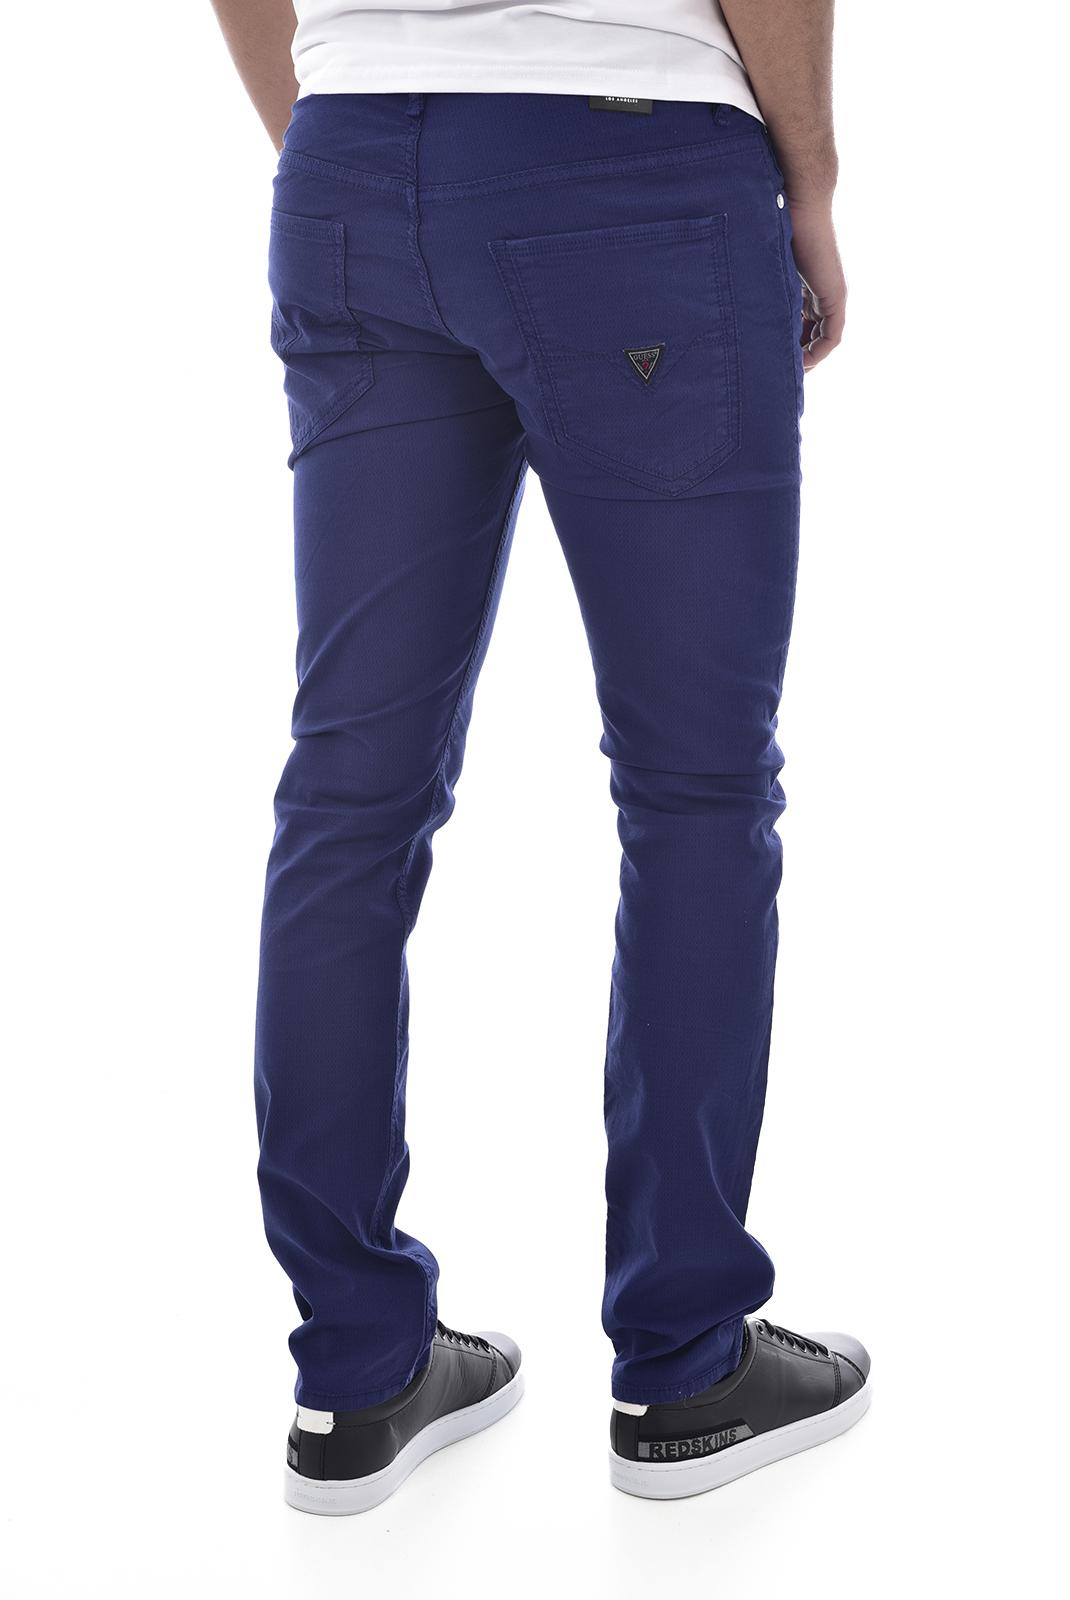 Pantalons chino/citadin  Guess jeans M92AN1WBFD0 miami G7K5 BLEU